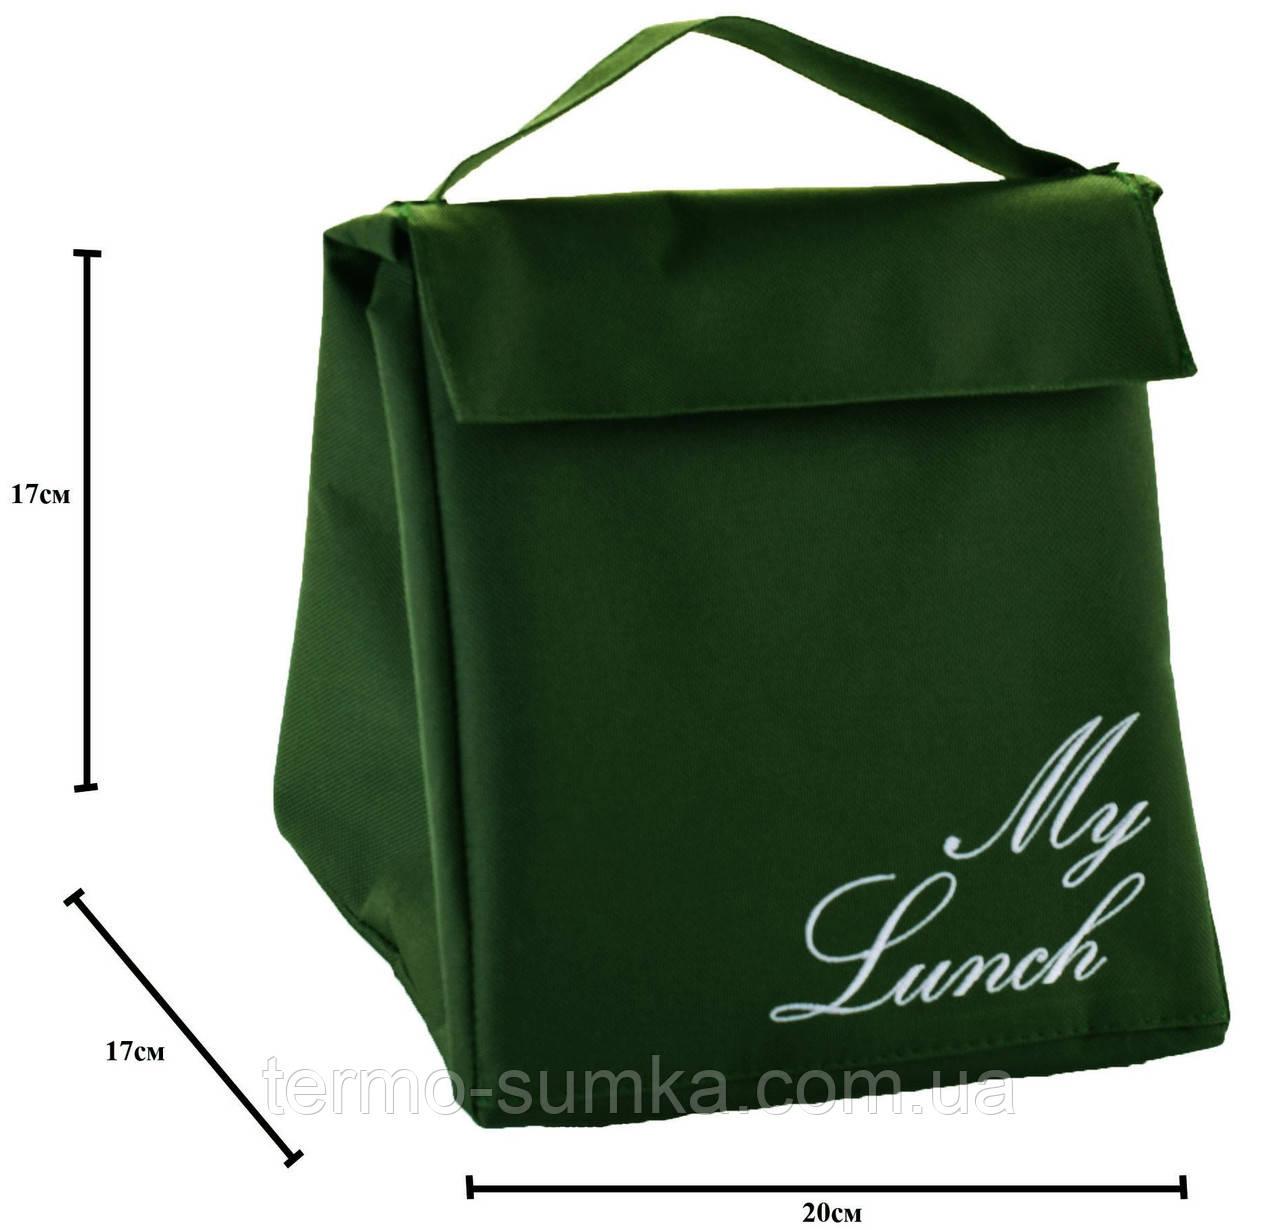 Термосумка. Сумка для еды с собой Lunch bag с вышивкой My lunch. Хаки